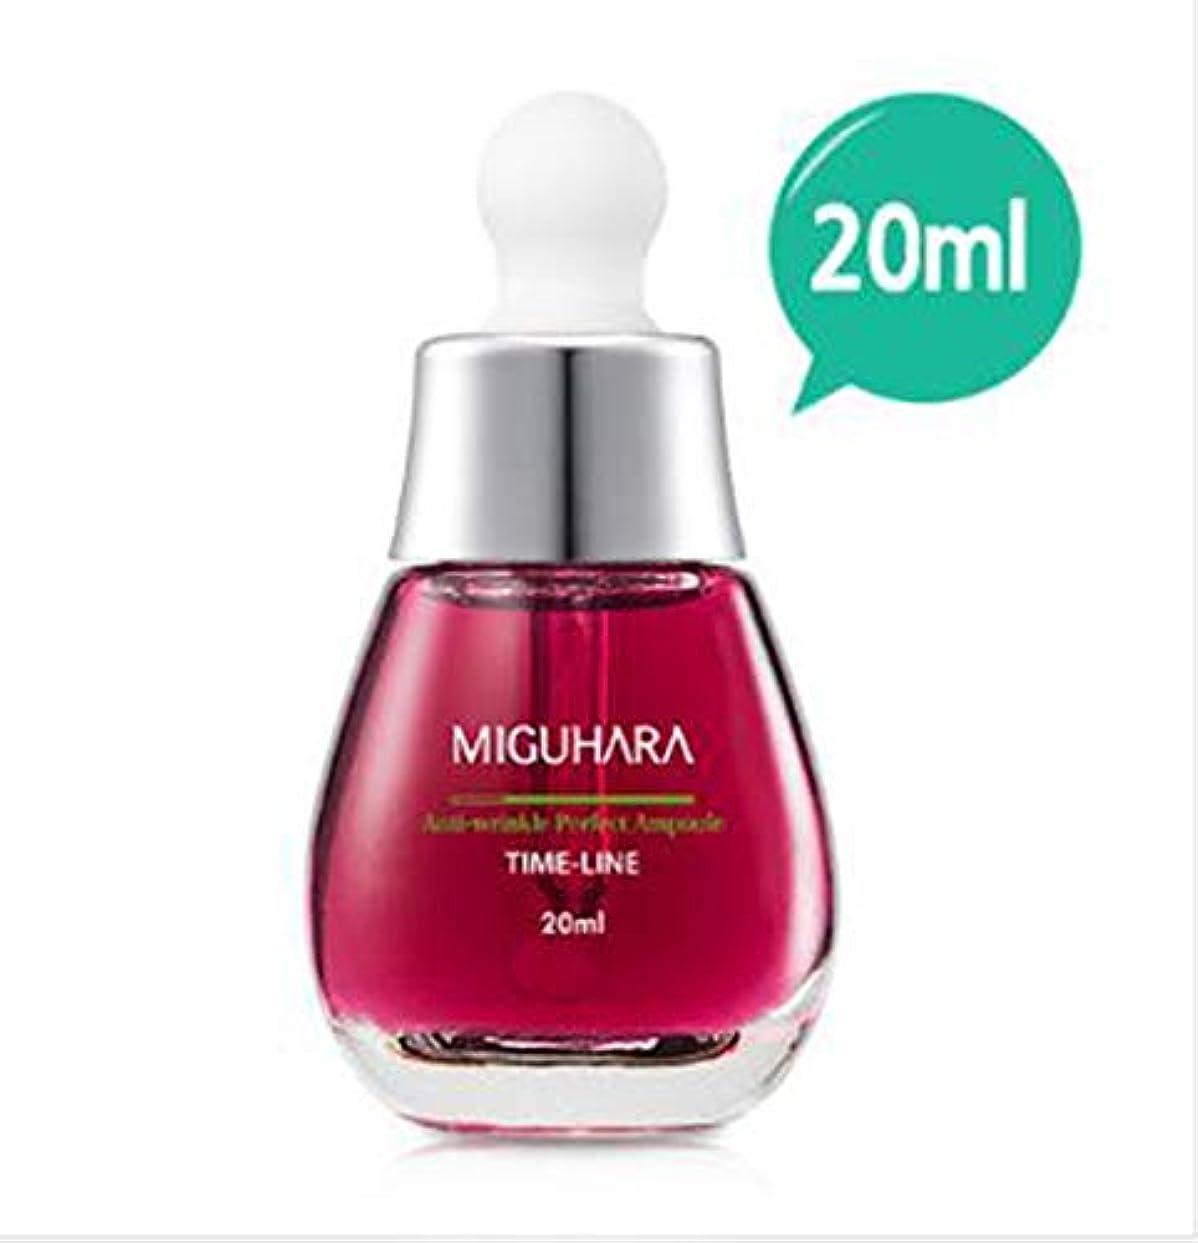 かろうじてハミングバードかどうかMIGUHARA Anti-wrinkle Perfect Ampoule 20ml/アンチ-リンクルパーフェクトアンプル 20ml